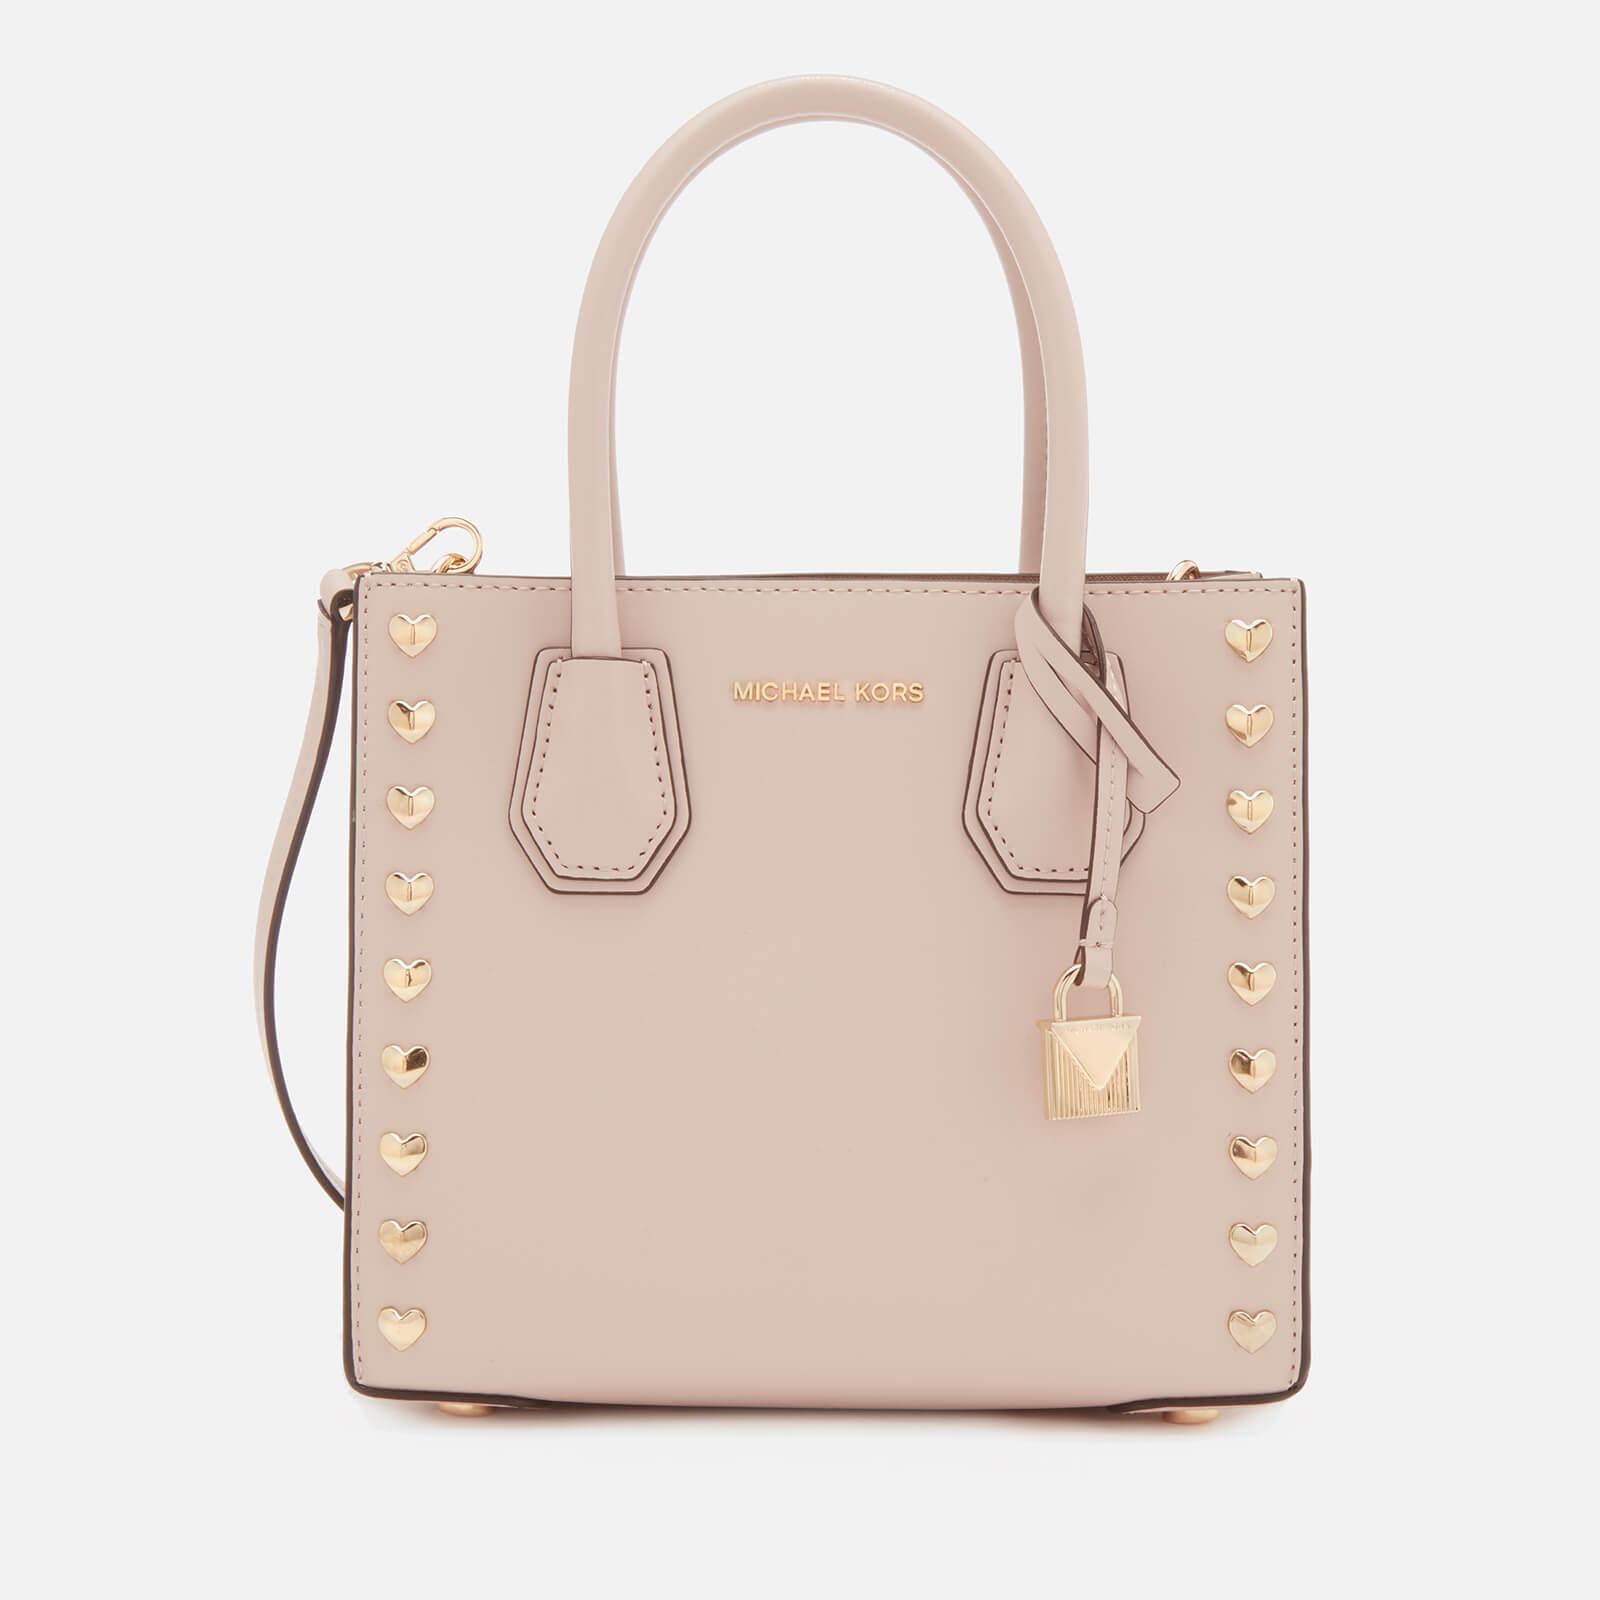 f1e2d0979642 MICHAEL MICHAEL KORS Women s Mercer Medium Messenger Bag - Soft Pink ...